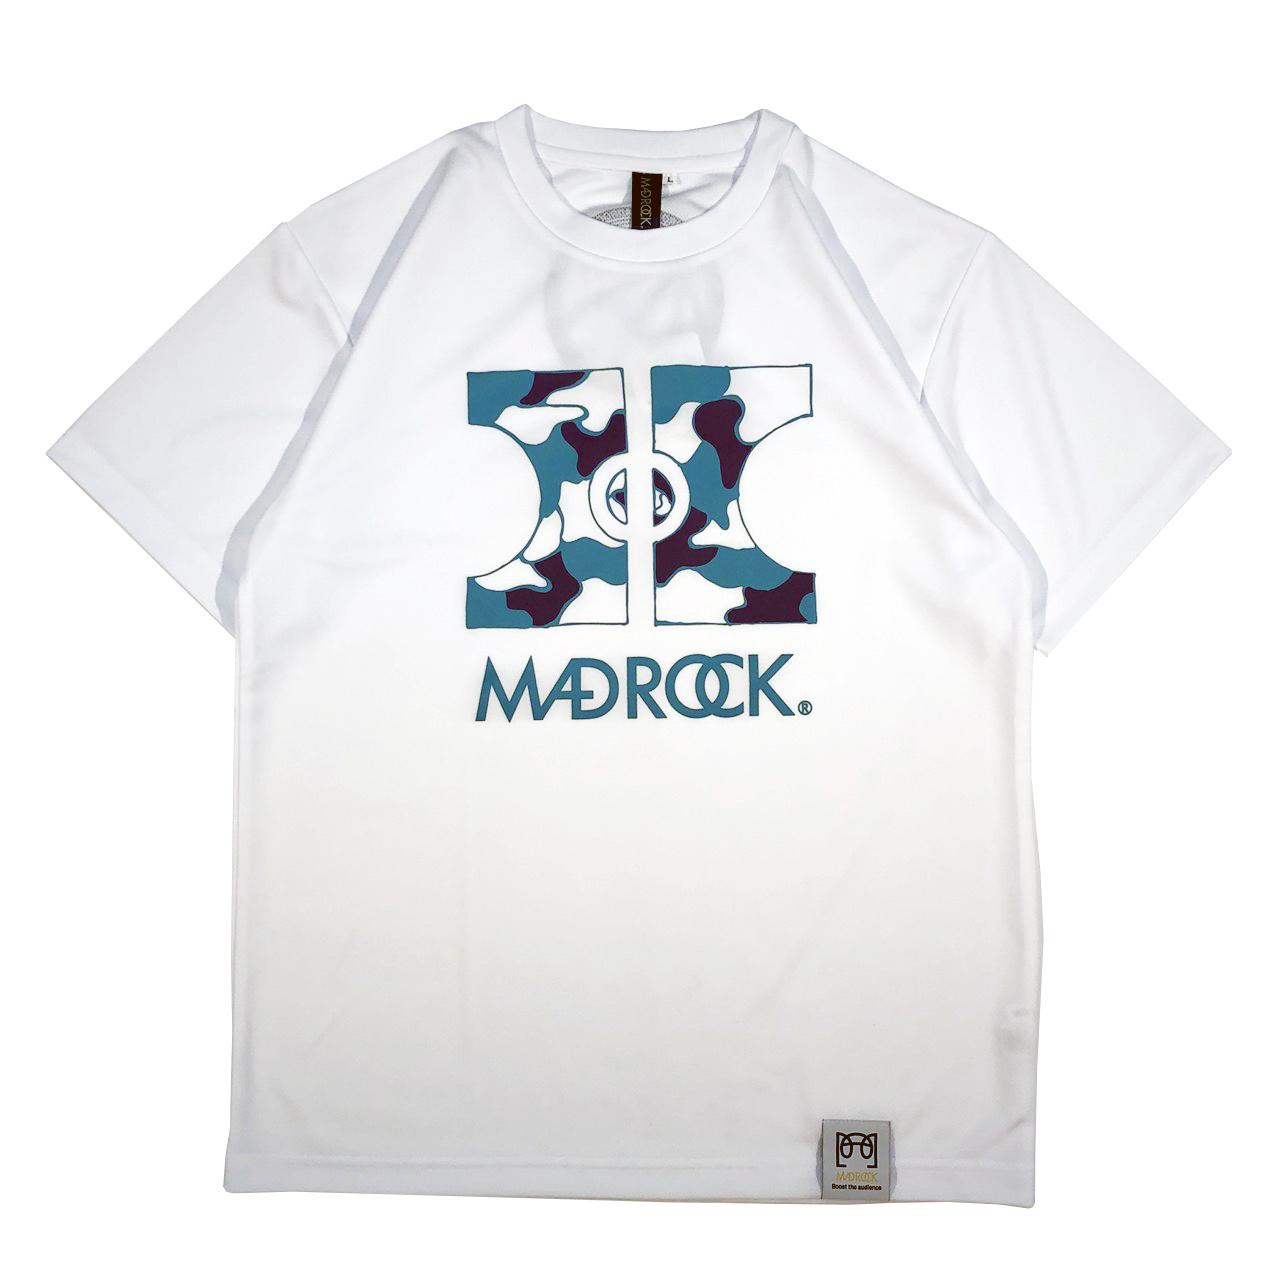 マッドロック -COAT & BALL-Tシャツ/ドライタイプ/ホワイト/MADROCK-COAT & BALL-TEE